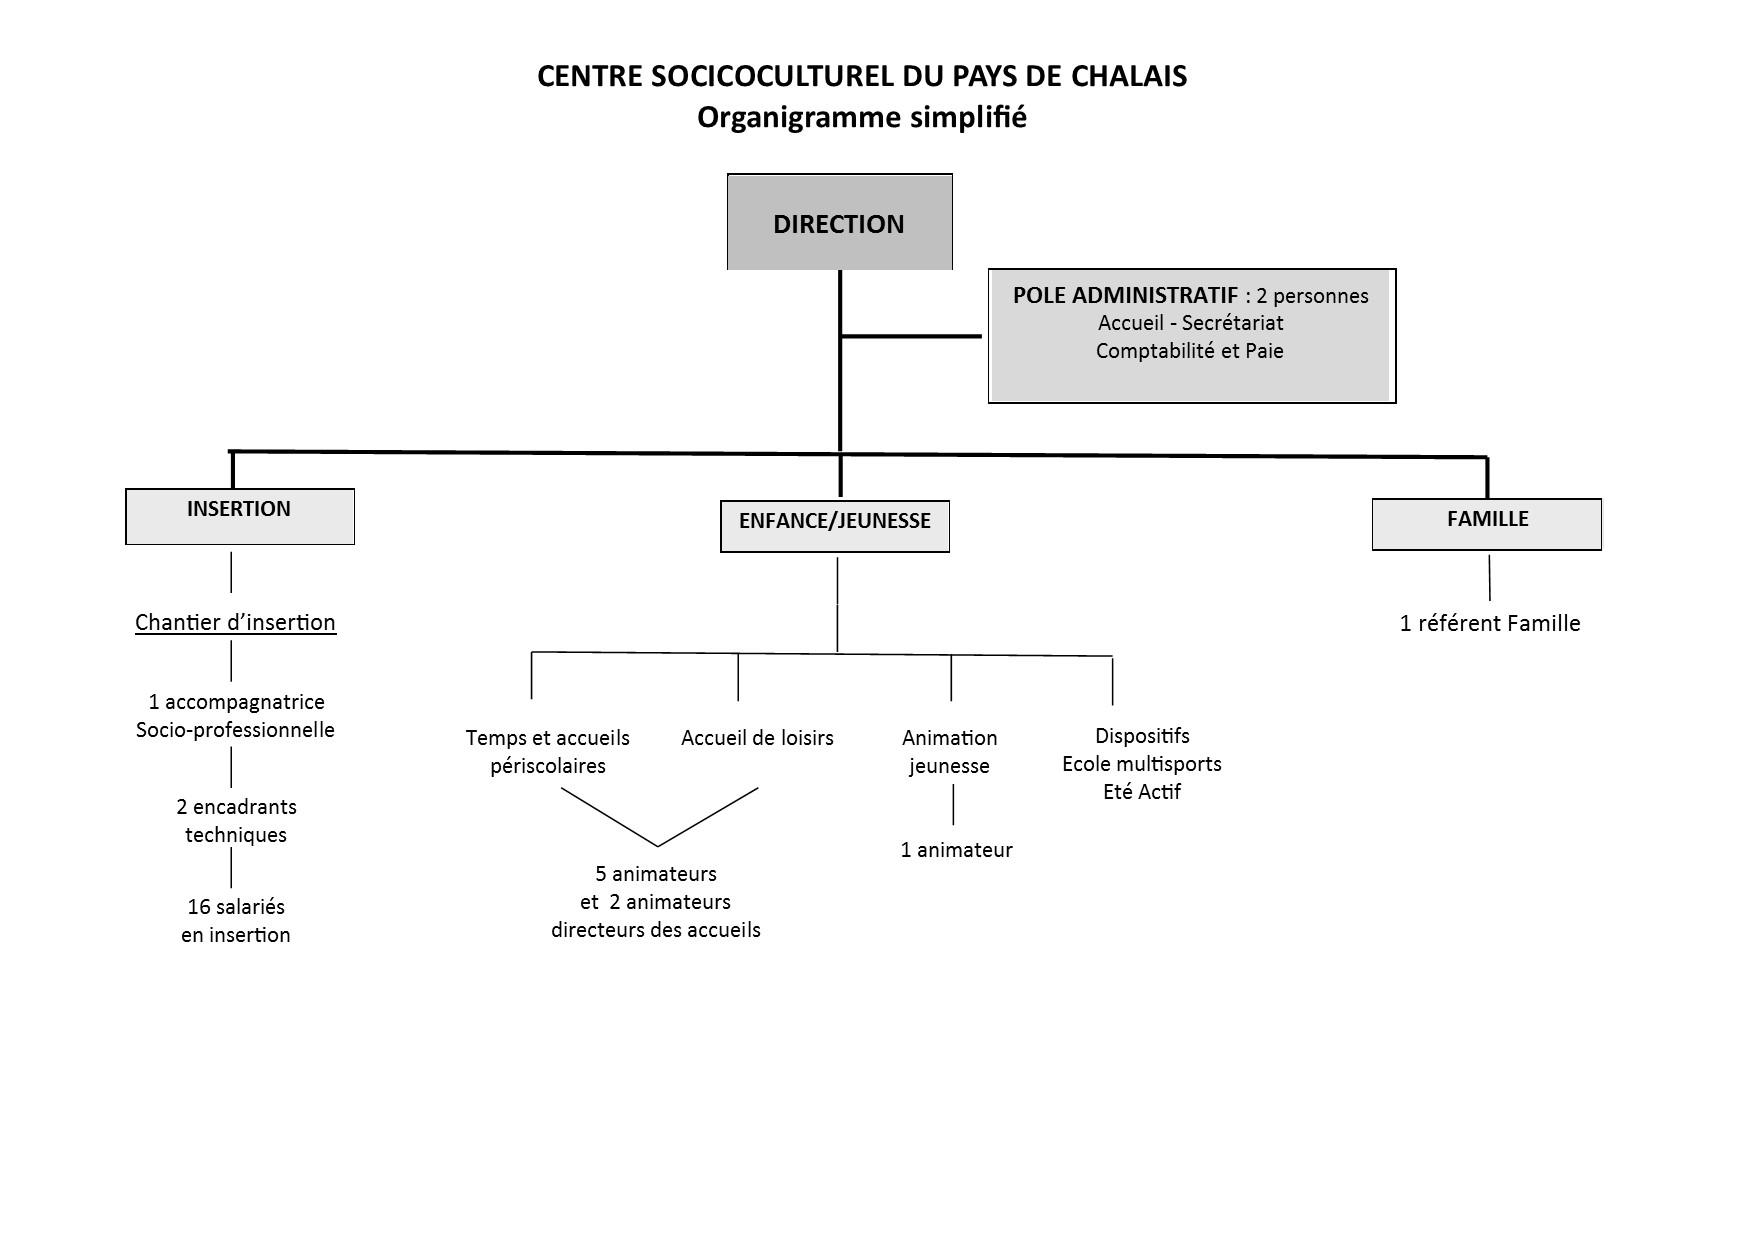 organigramme de la structure